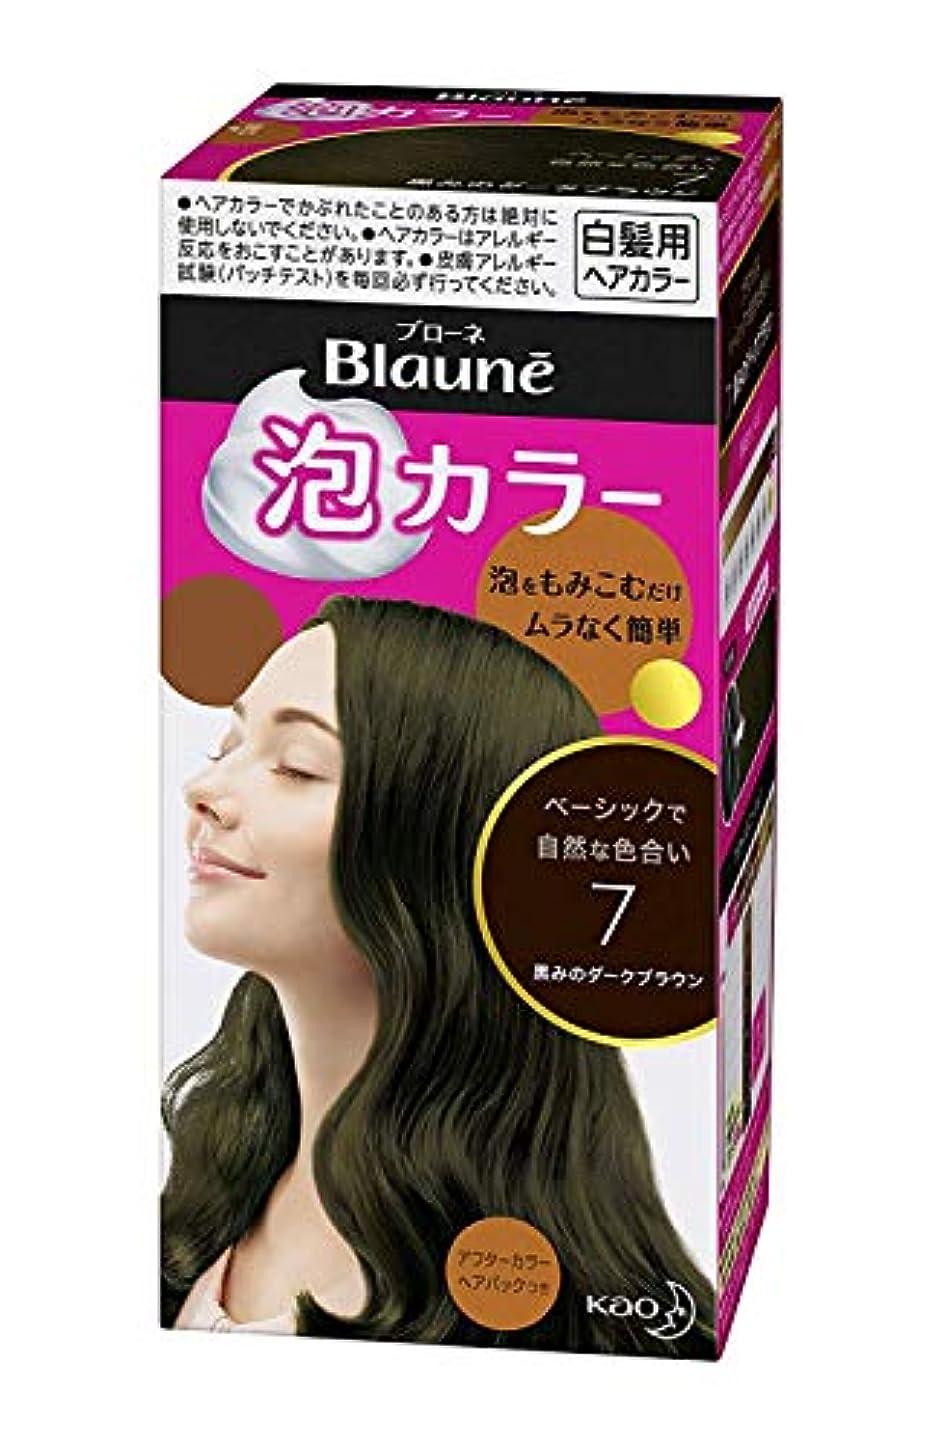 布プラスチックロマンス【花王】ブローネ泡カラー 7 黒みのダークブラウン 108ml ×20個セット